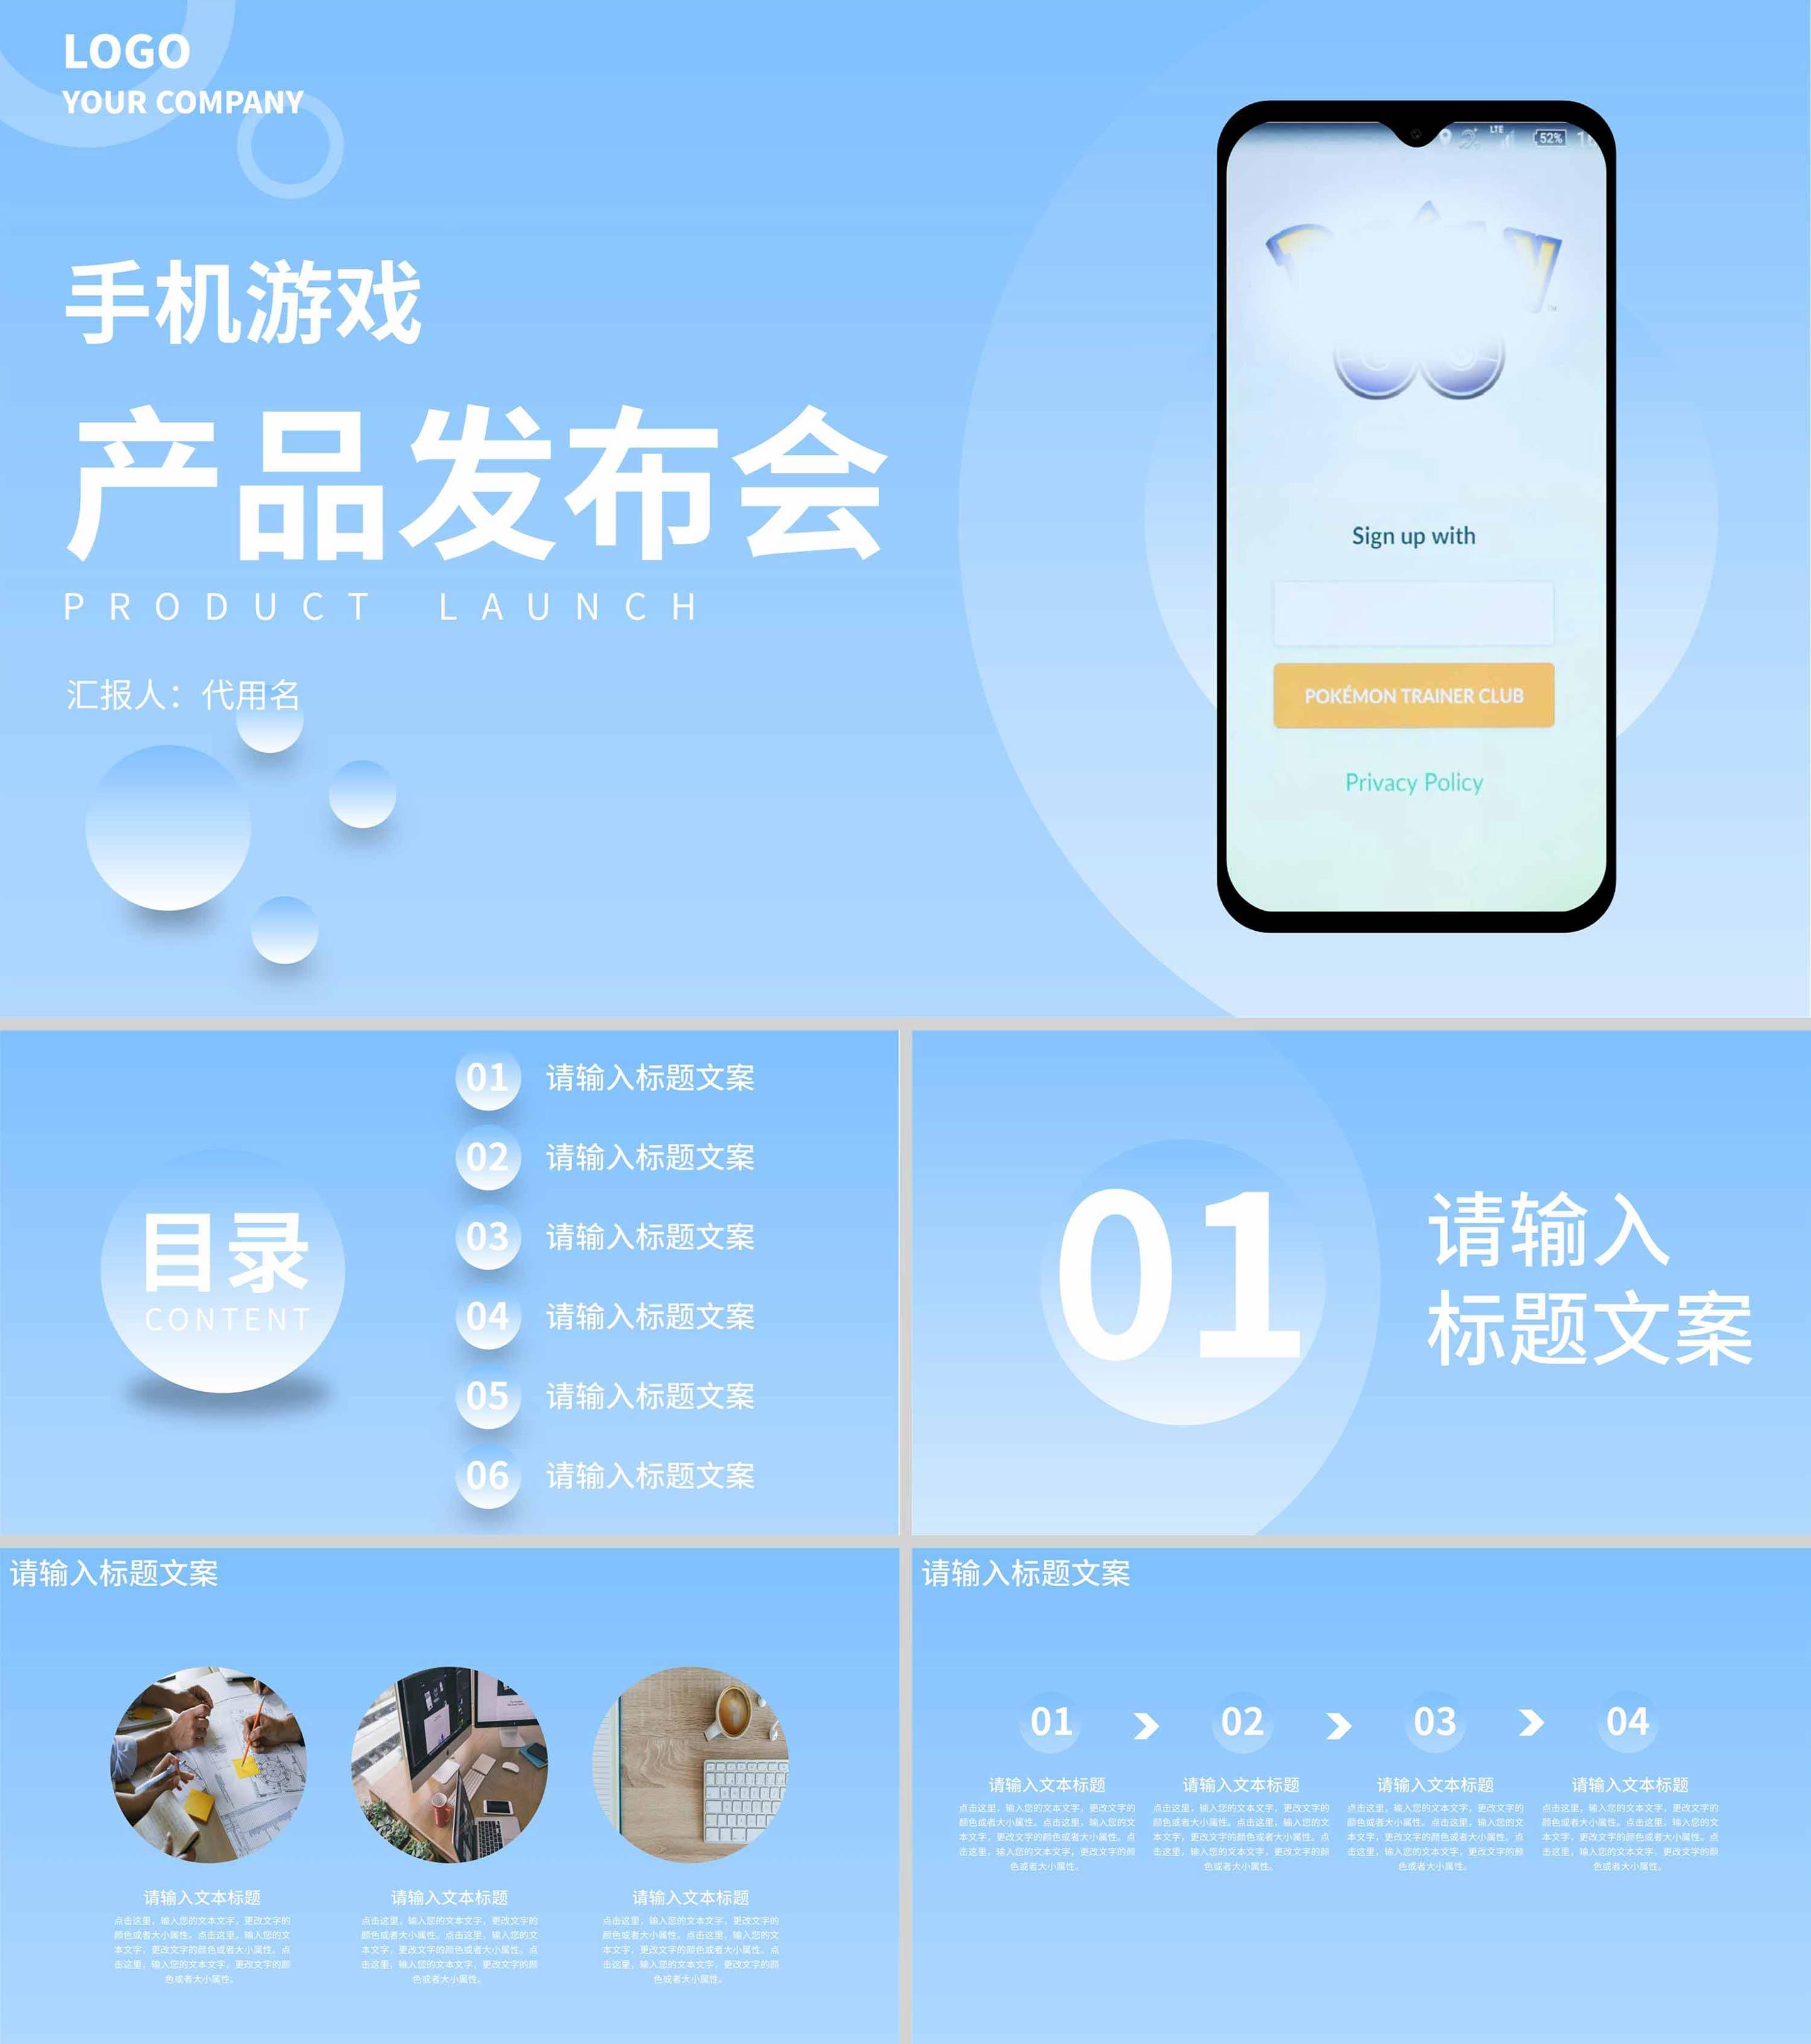 蓝色渐变小清新手机游戏产品发布会PPT模板